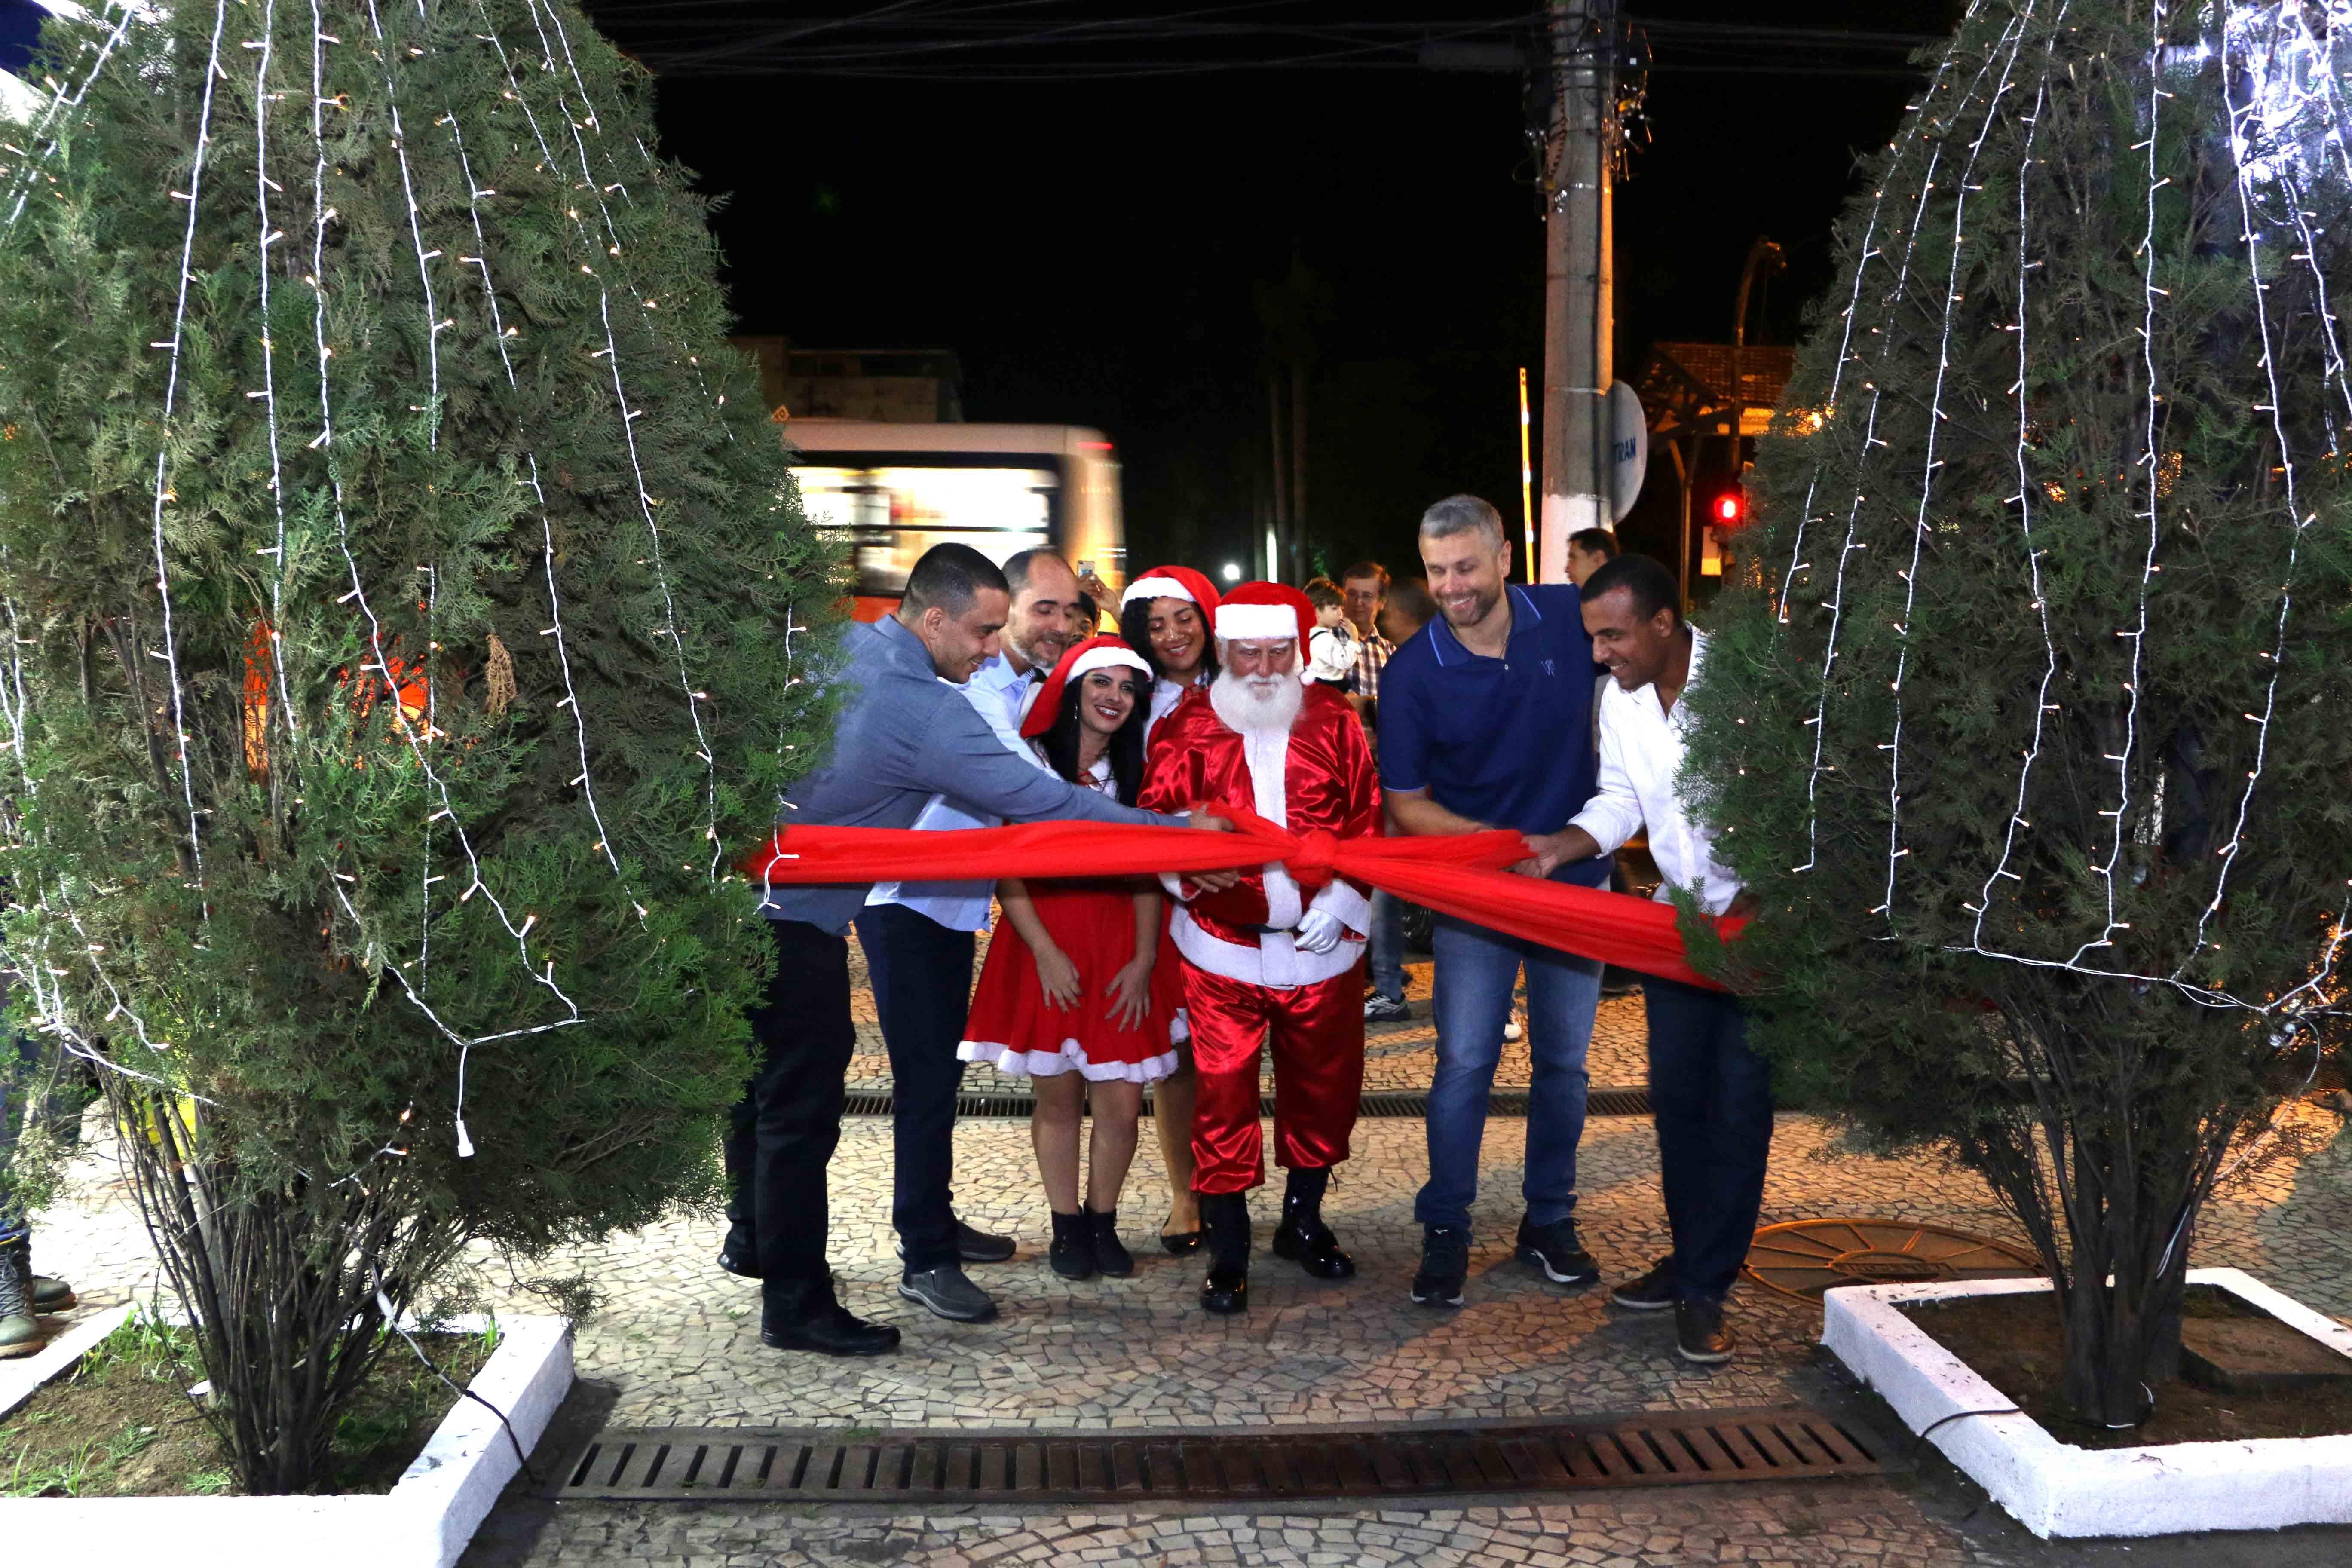 Foto - Novidades e união marcam abertura do Natal 2019 em Barra Mansa